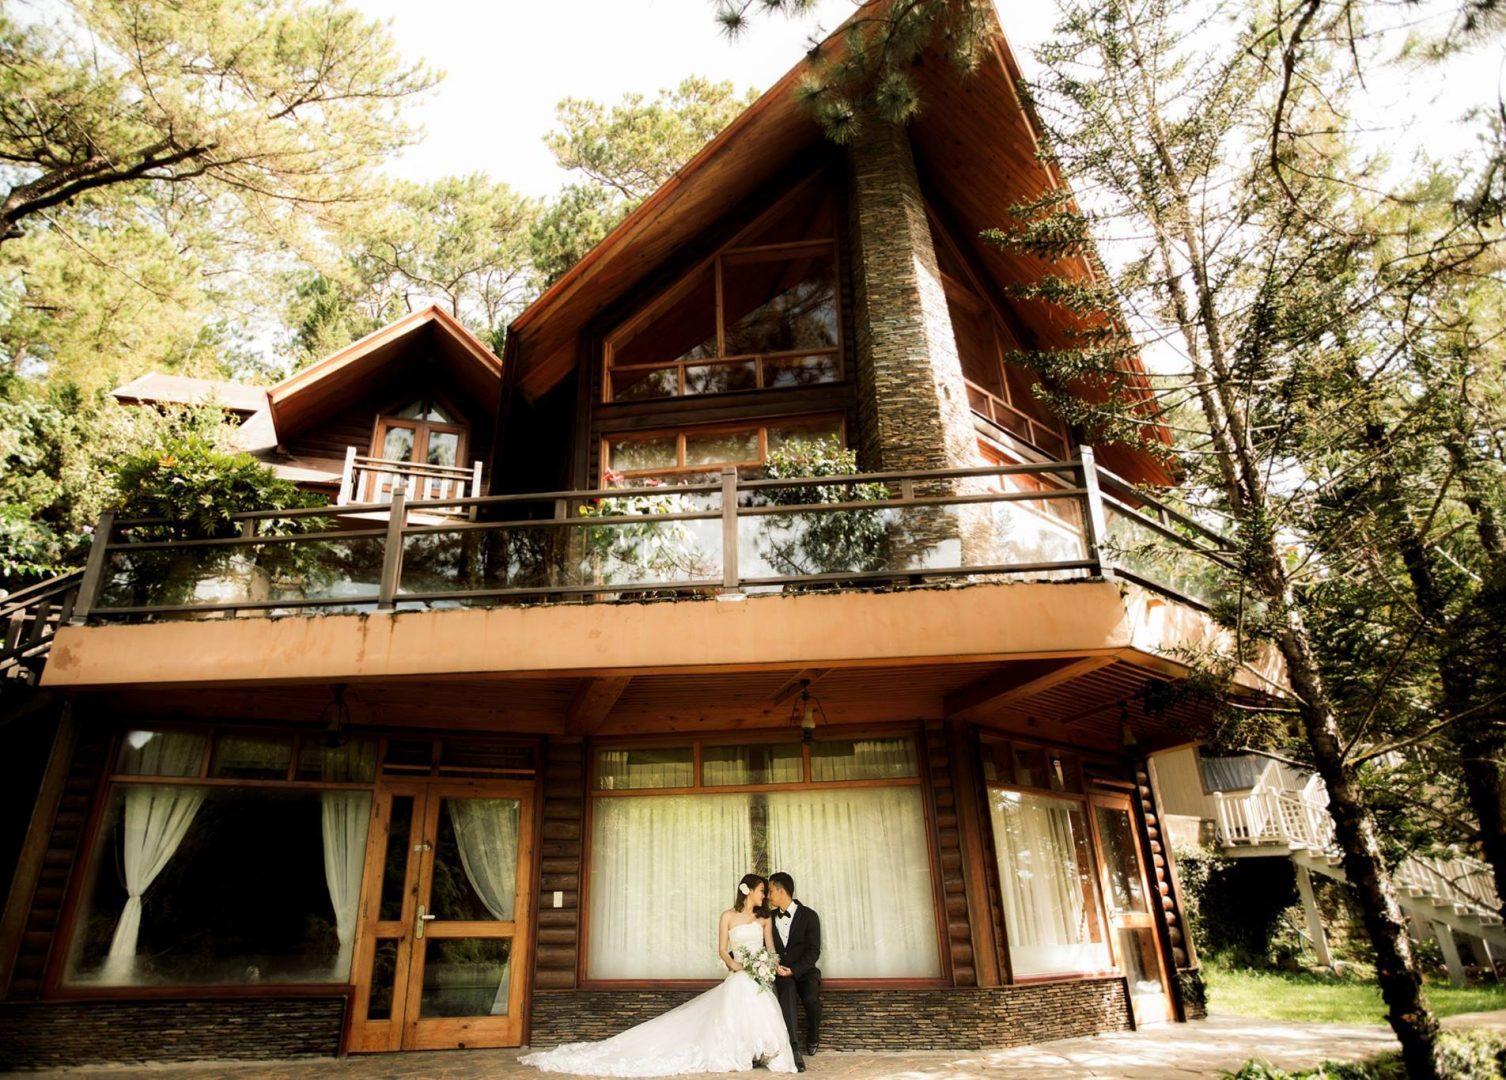 Kinh nghiệm chọn studio chụp ảnh cưới ở Đà Lạt